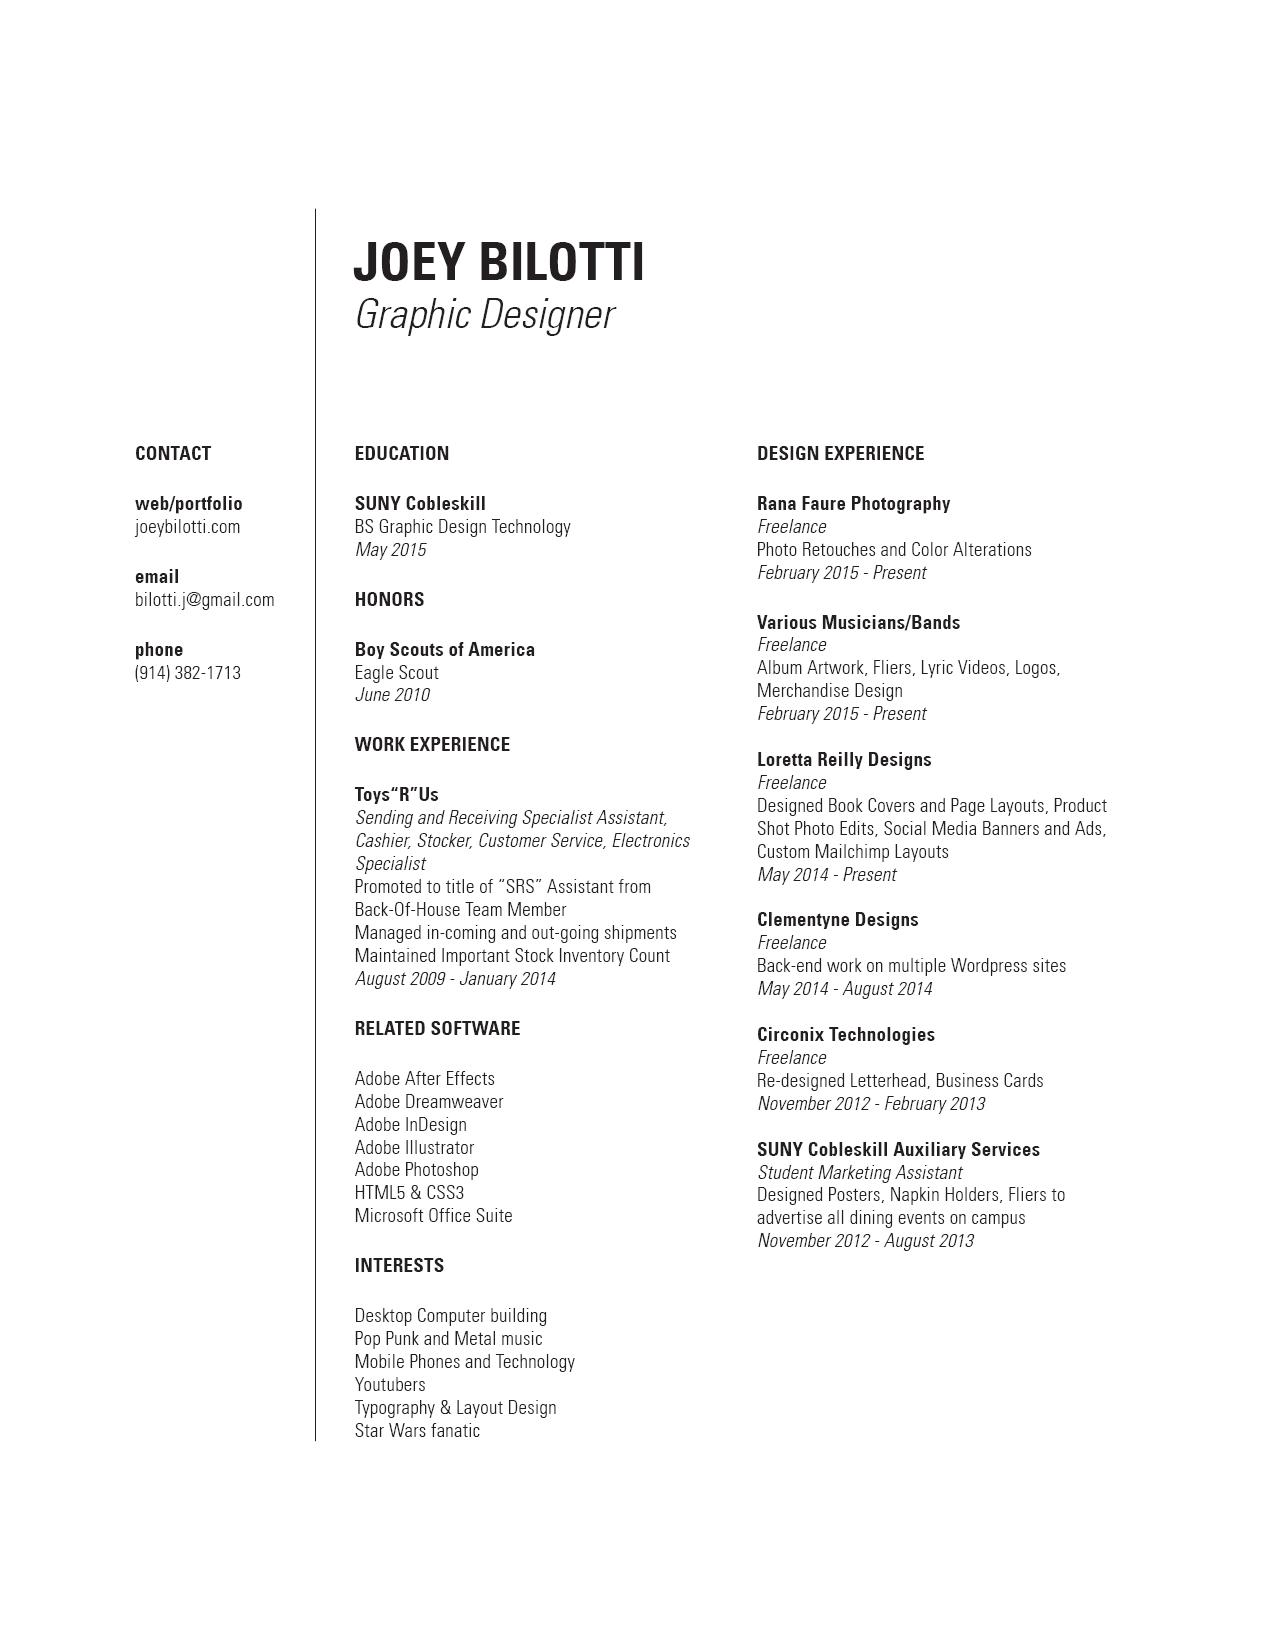 Resume – Joey Bilotti Portfolio